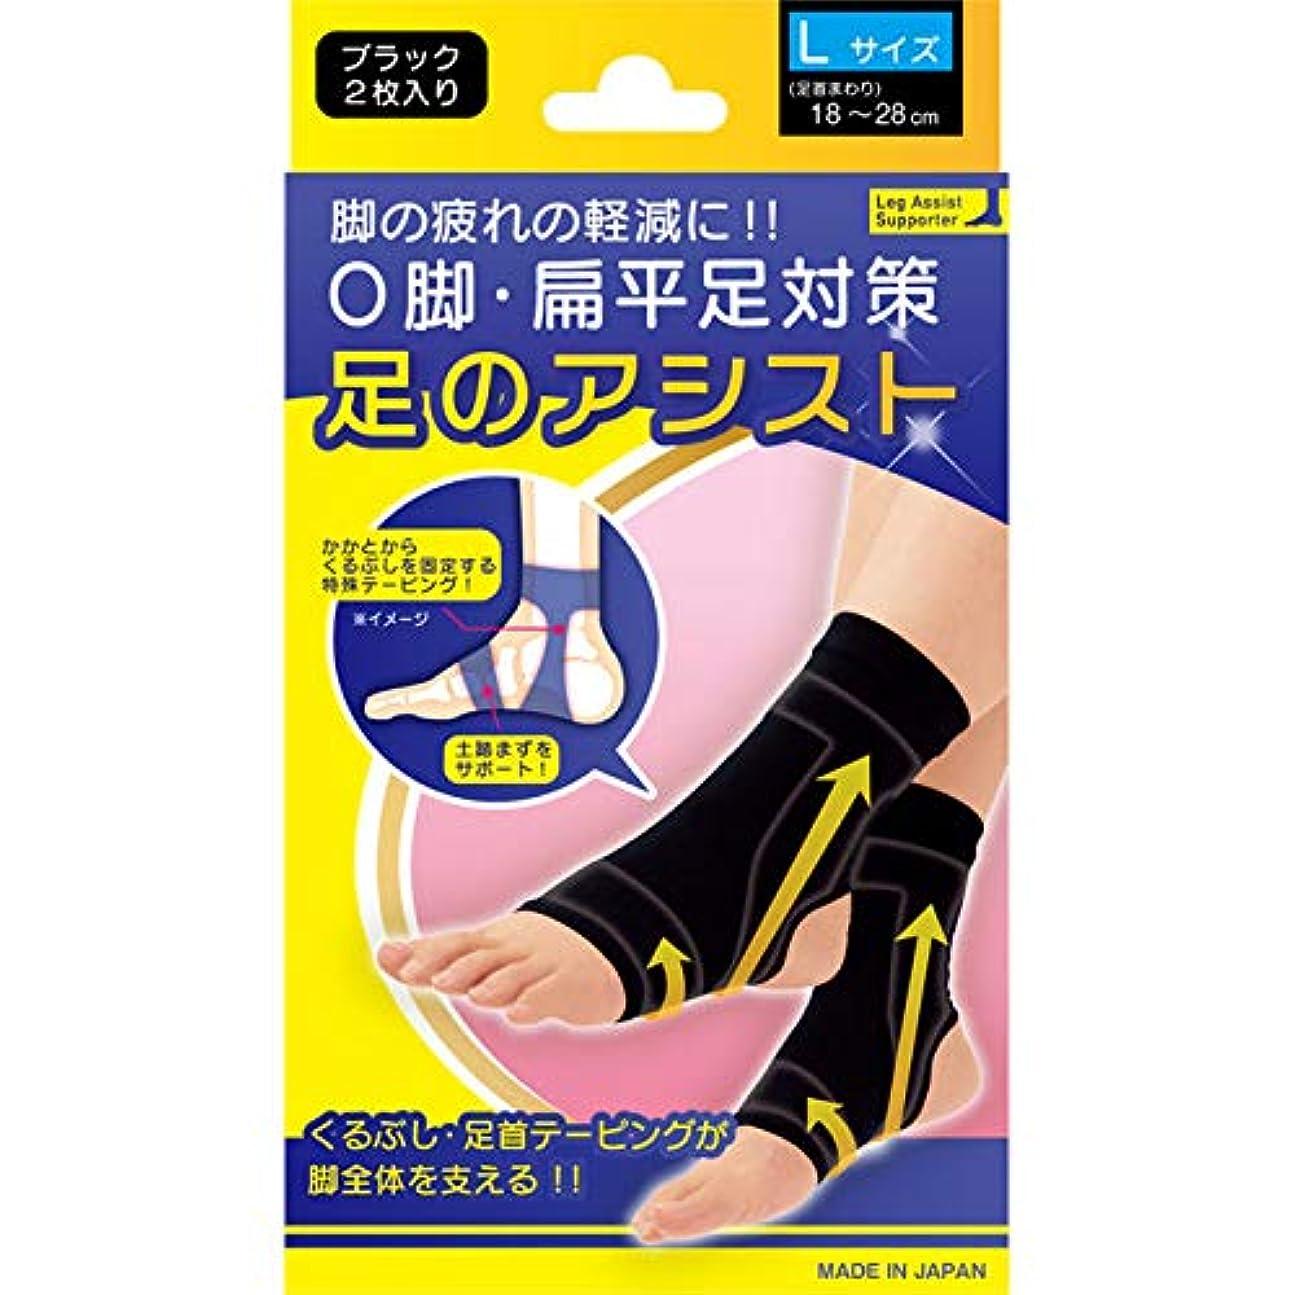 問い合わせるヒューマニスティック防止美脚足のアシスト ブラック 2枚入り Lサイズ(足首まわり18~28cm)